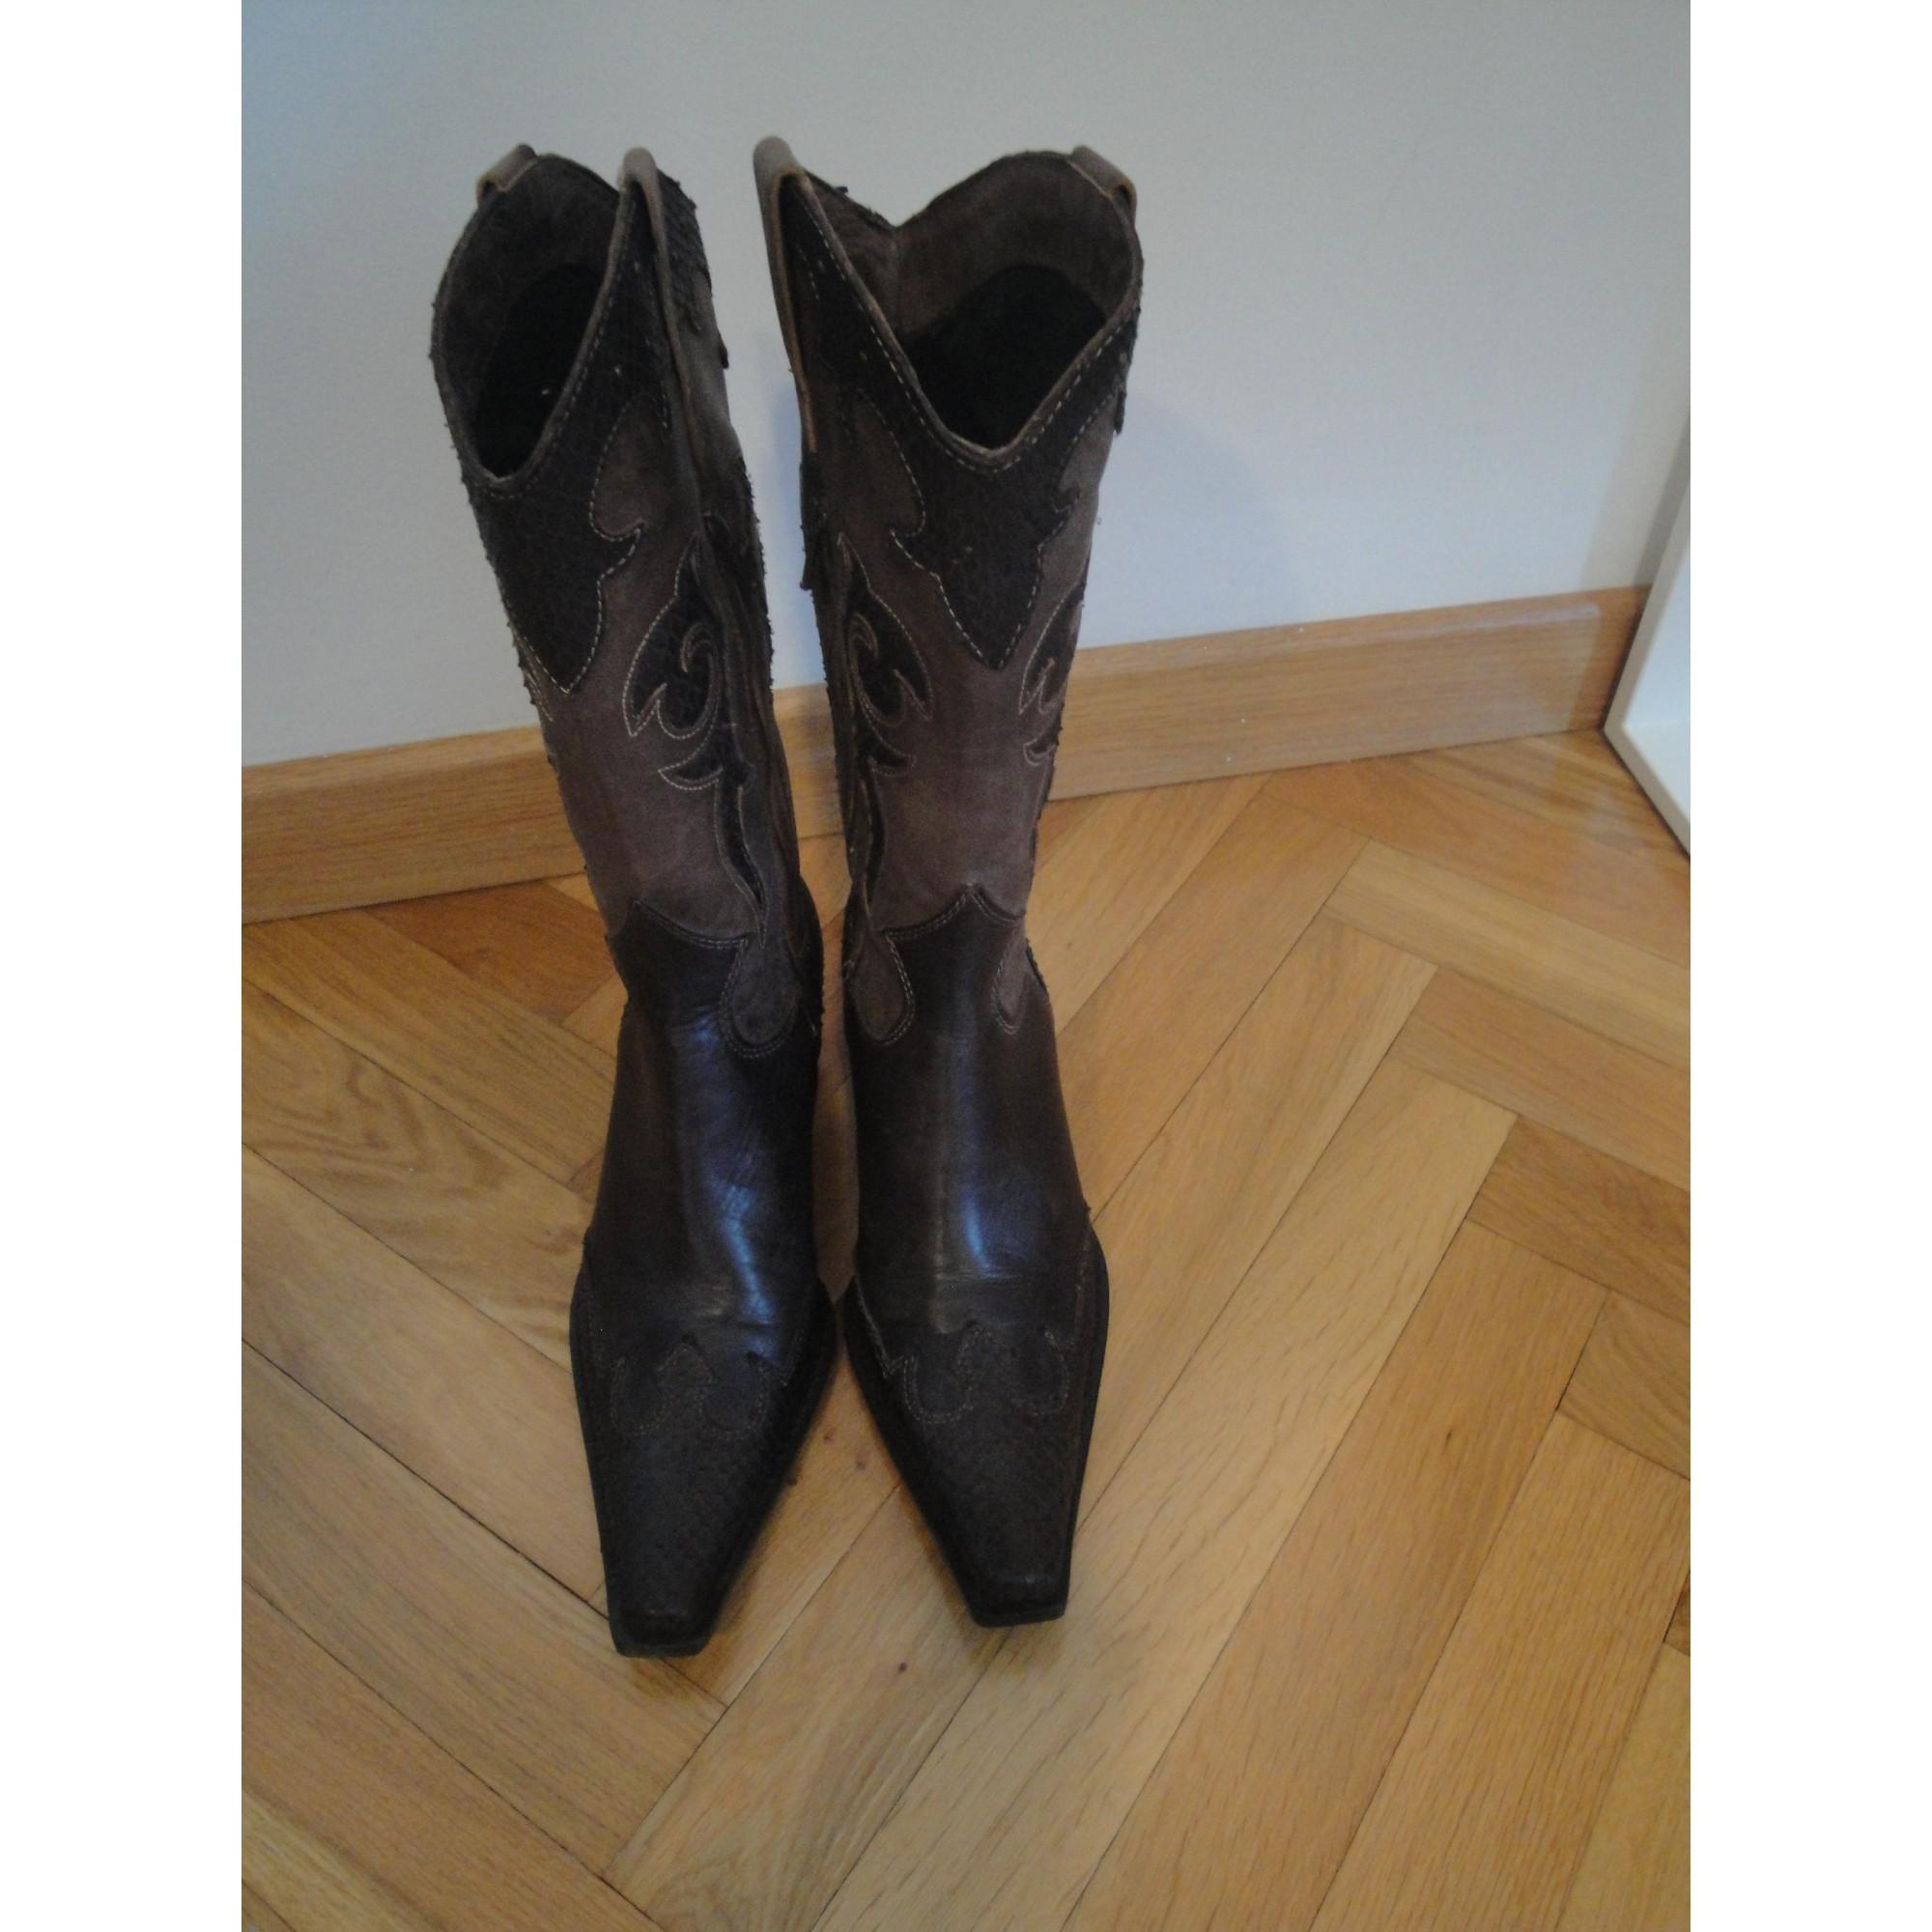 pas cher pour réduction e9897 62ff1 Santiags, bottes cowboy